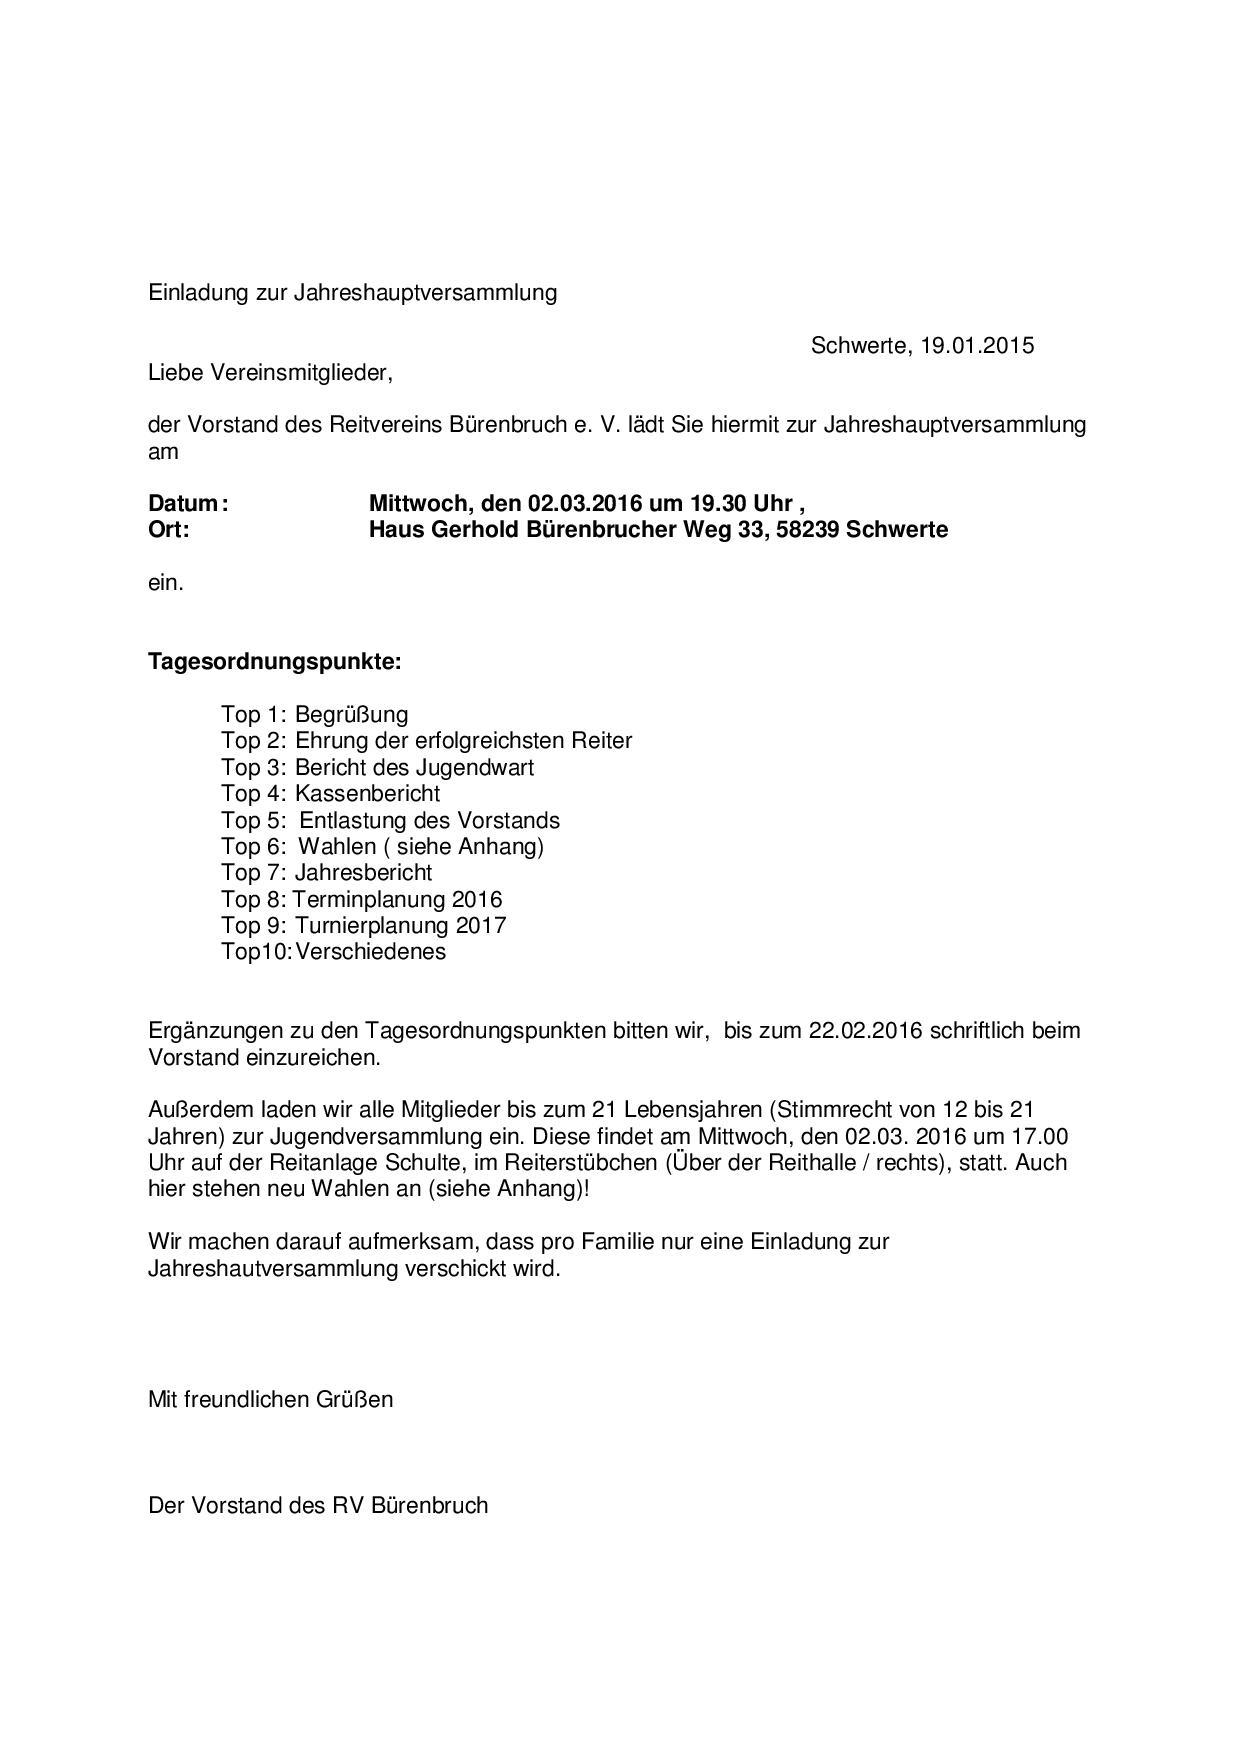 aktuelles archive - rv bürenbruch, Einladung